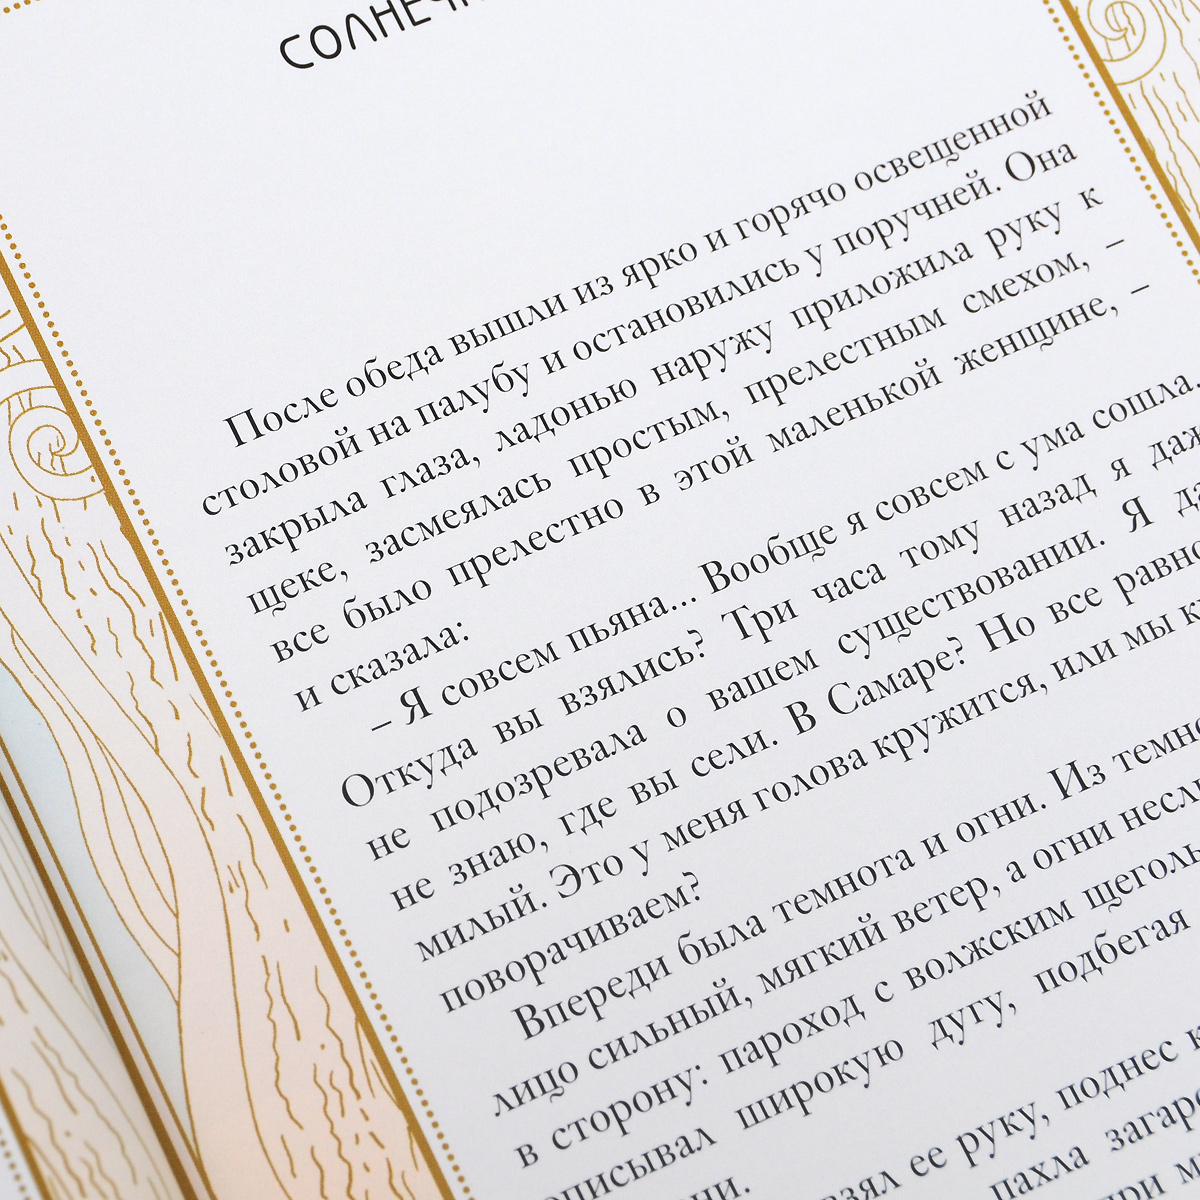 Иван Бунин. Сочинения. Рассказы 1925-1927. Стихотворения 1903-1907